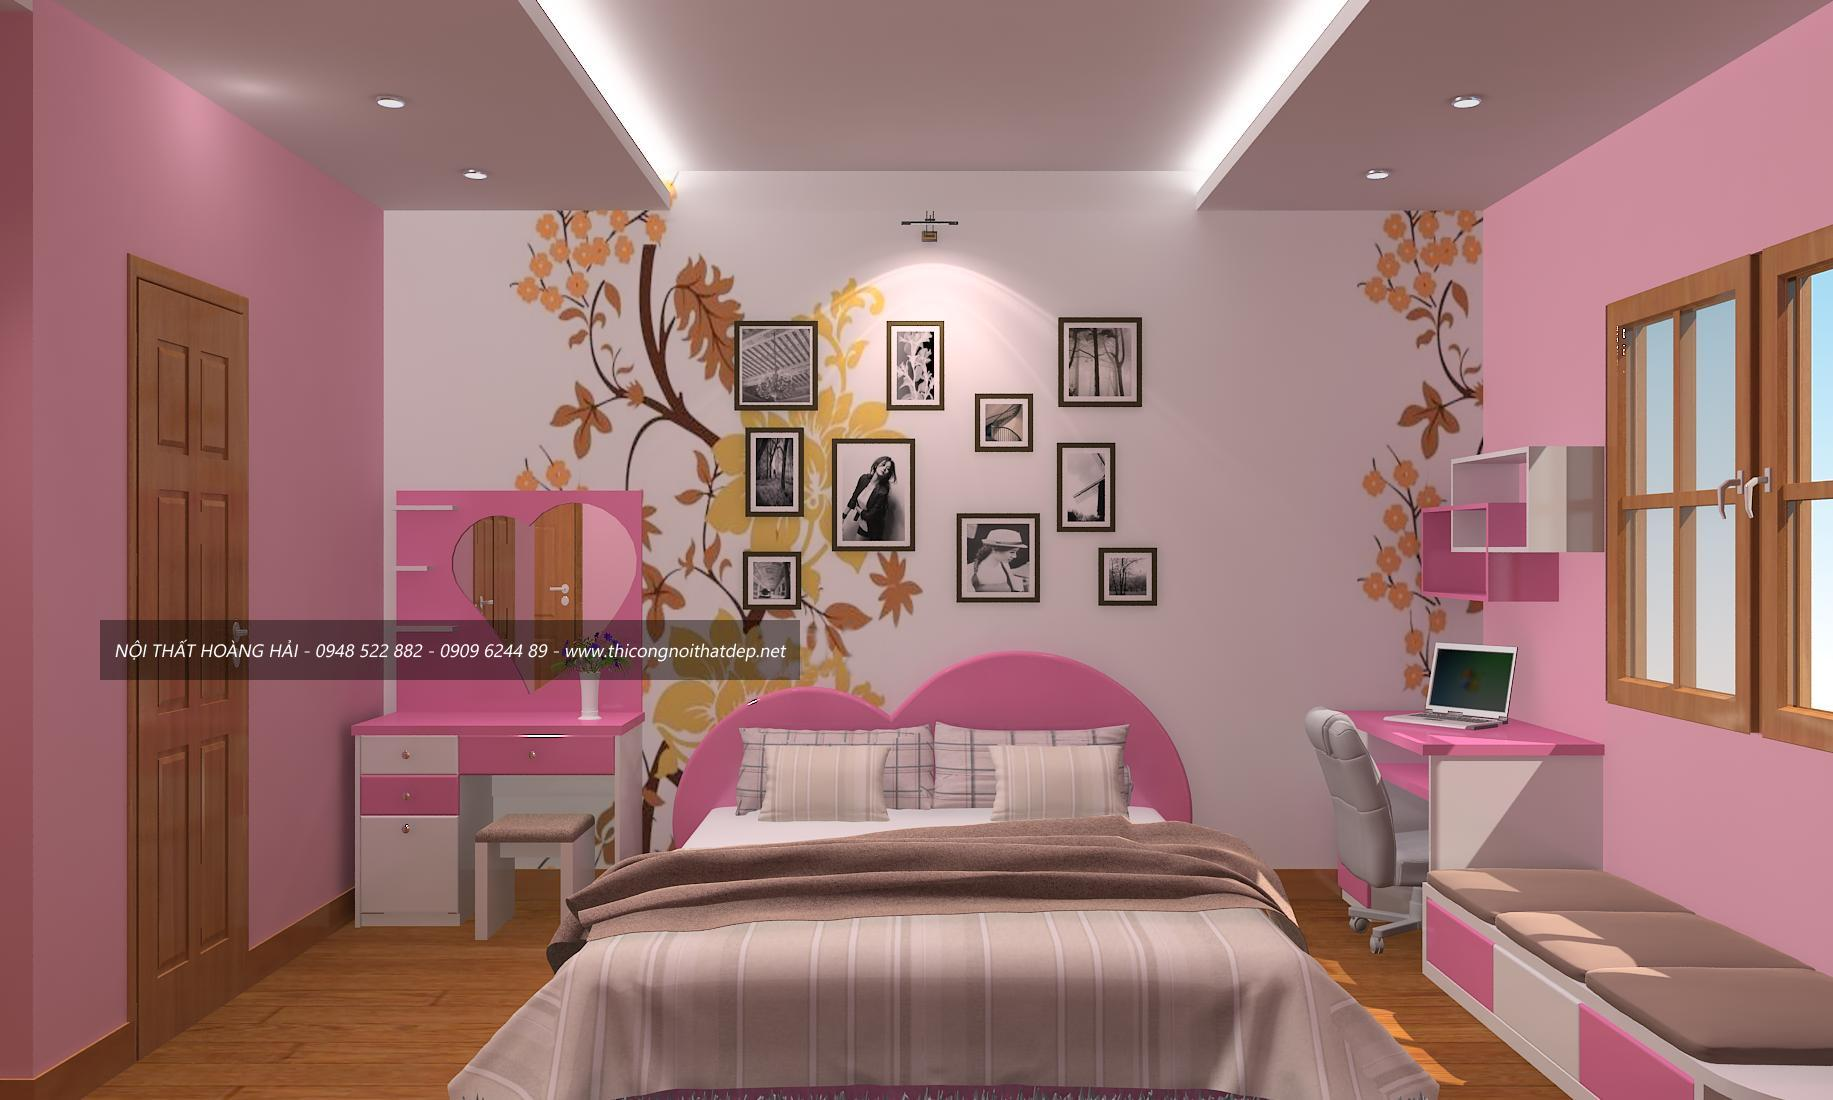 Thiết kế nội thất nhà ở hợp phong thủy